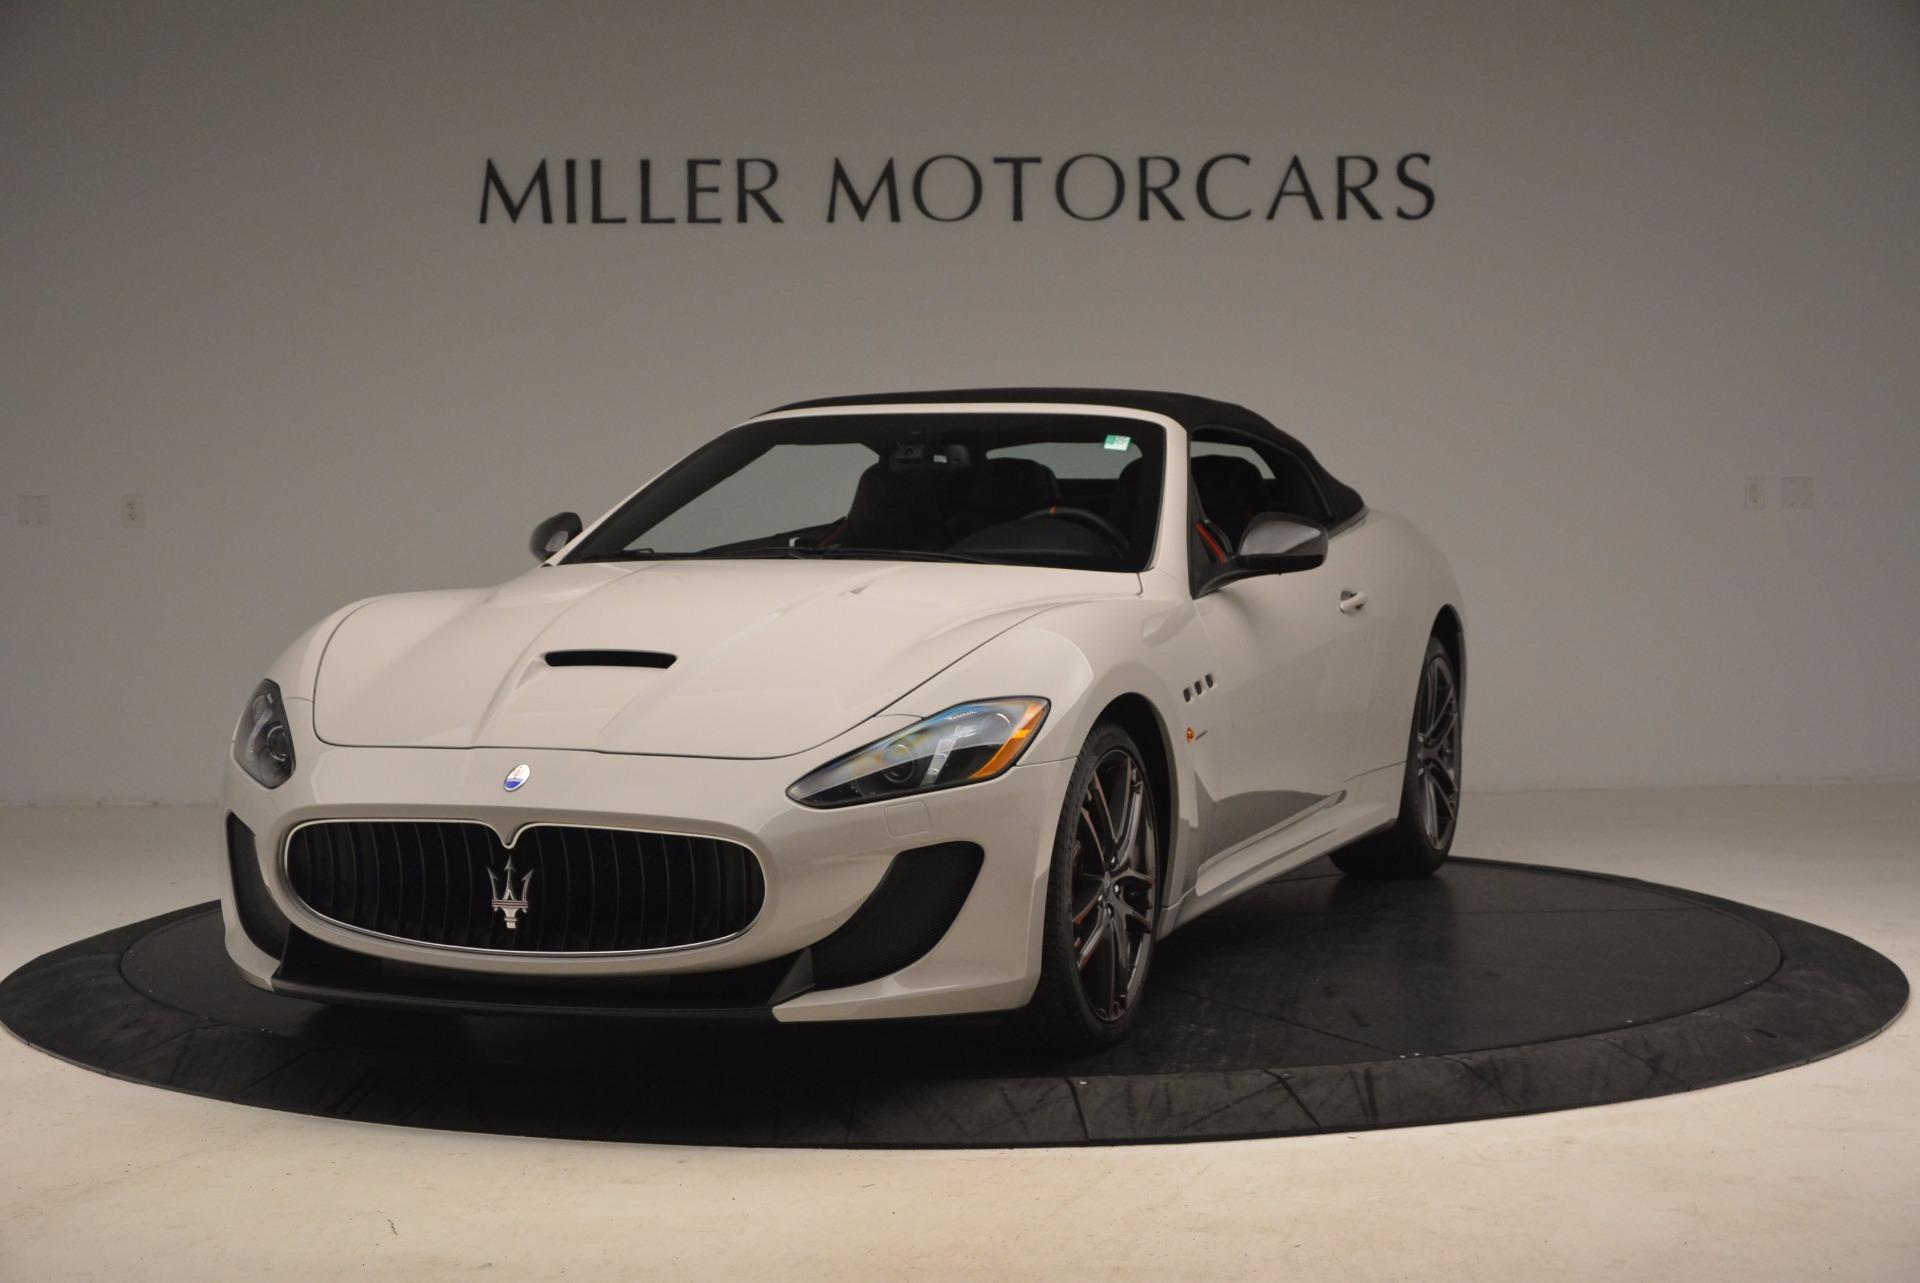 Used 2015 Maserati GranTurismo MC Centennial For Sale In Greenwich, CT. Alfa Romeo of Greenwich, 7187 1107_p13